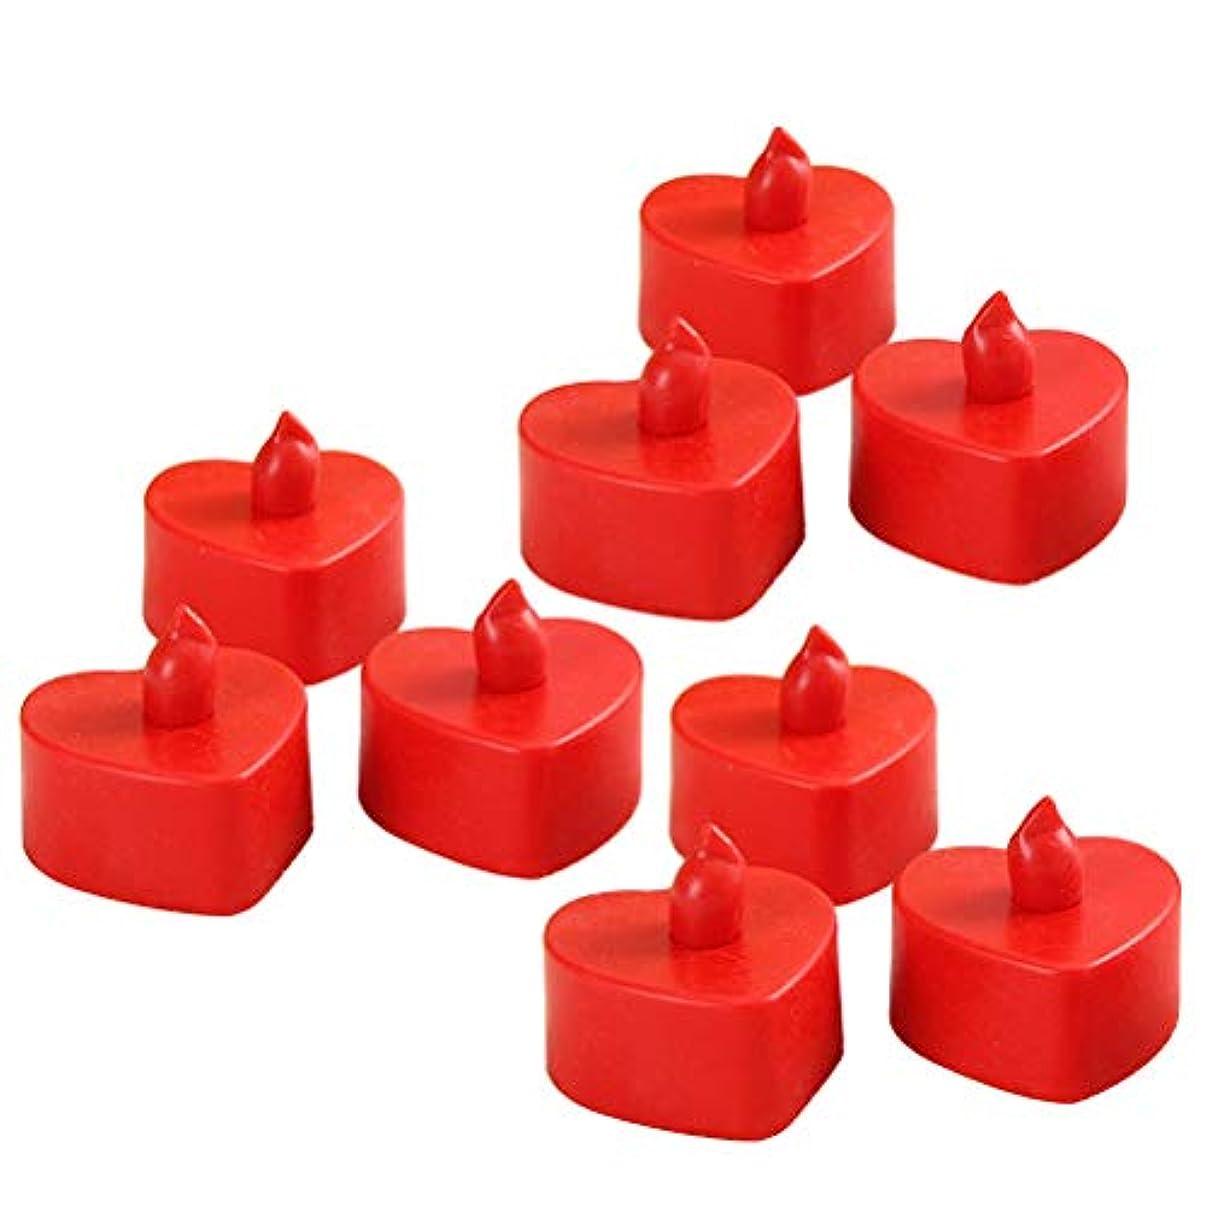 フローティングポークお風呂を持っているBESTOYARD 10個無炎キャンドルバッテリーは、キャンドルウェディングパーティフェスティバルの装飾(赤いシェルの赤い光)